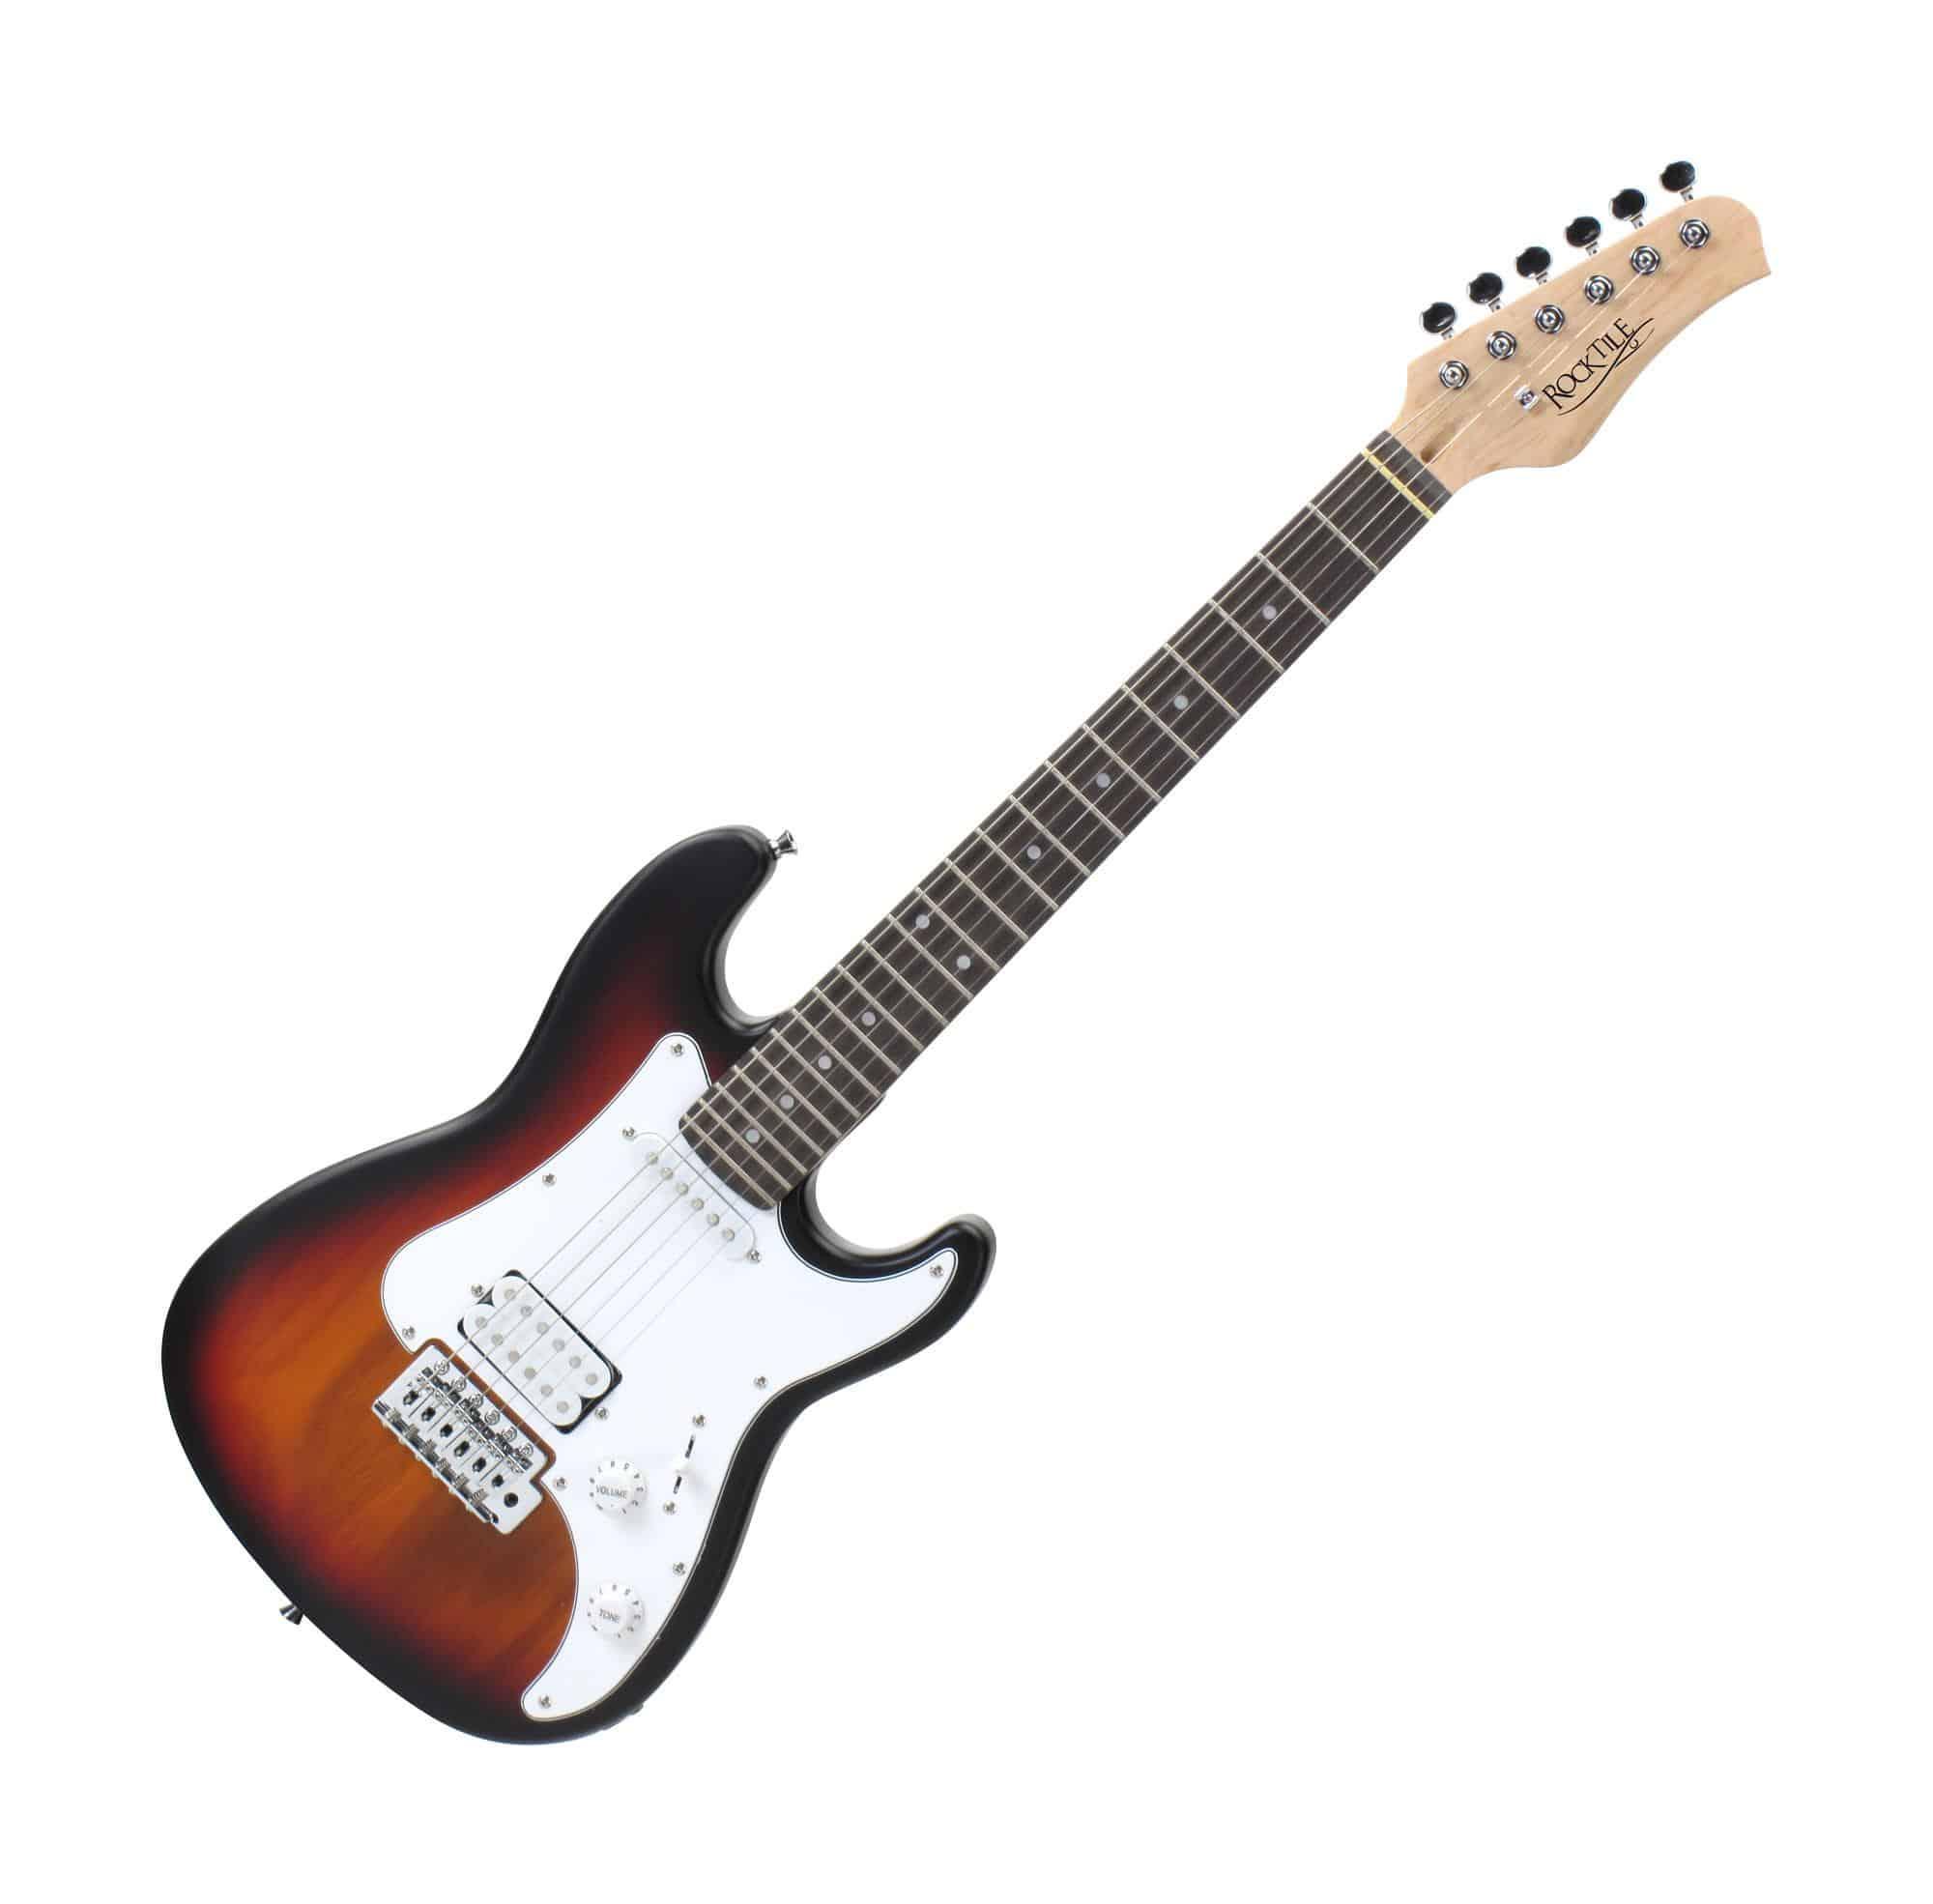 E-Gitarre Einsteiger Stimmgerät Gigbag Tragetasche Komplett Set für Anfänger